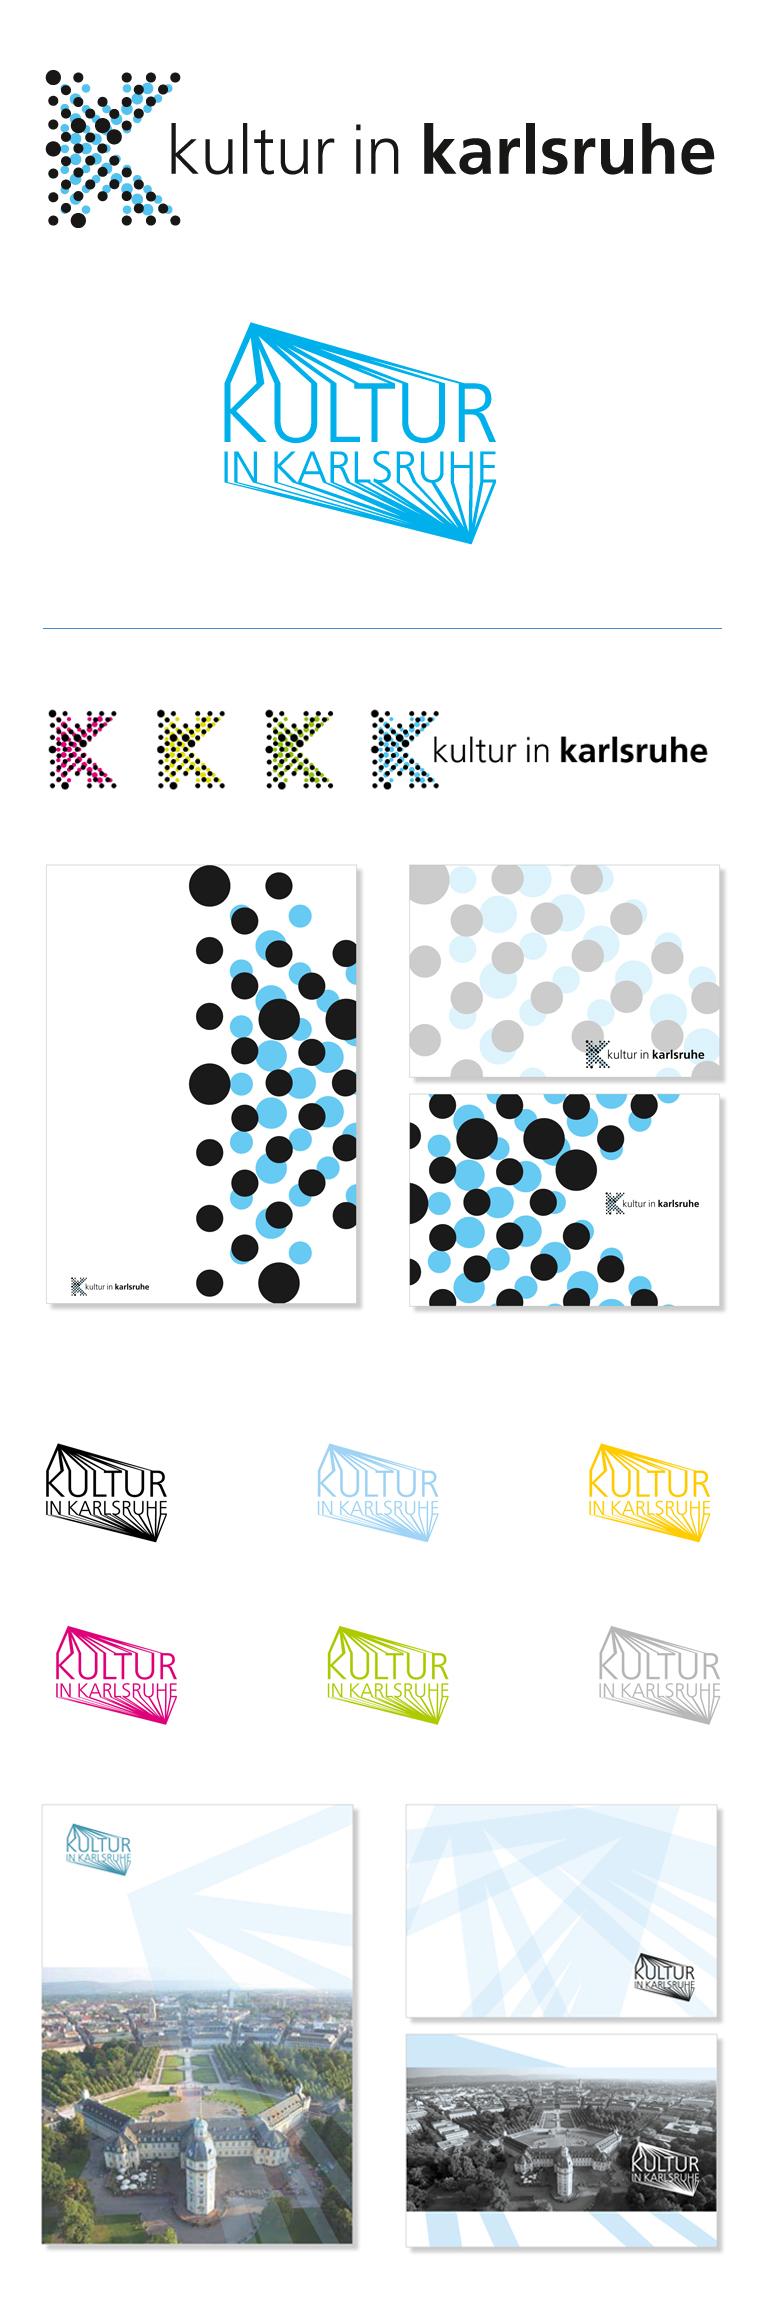 kik_logos